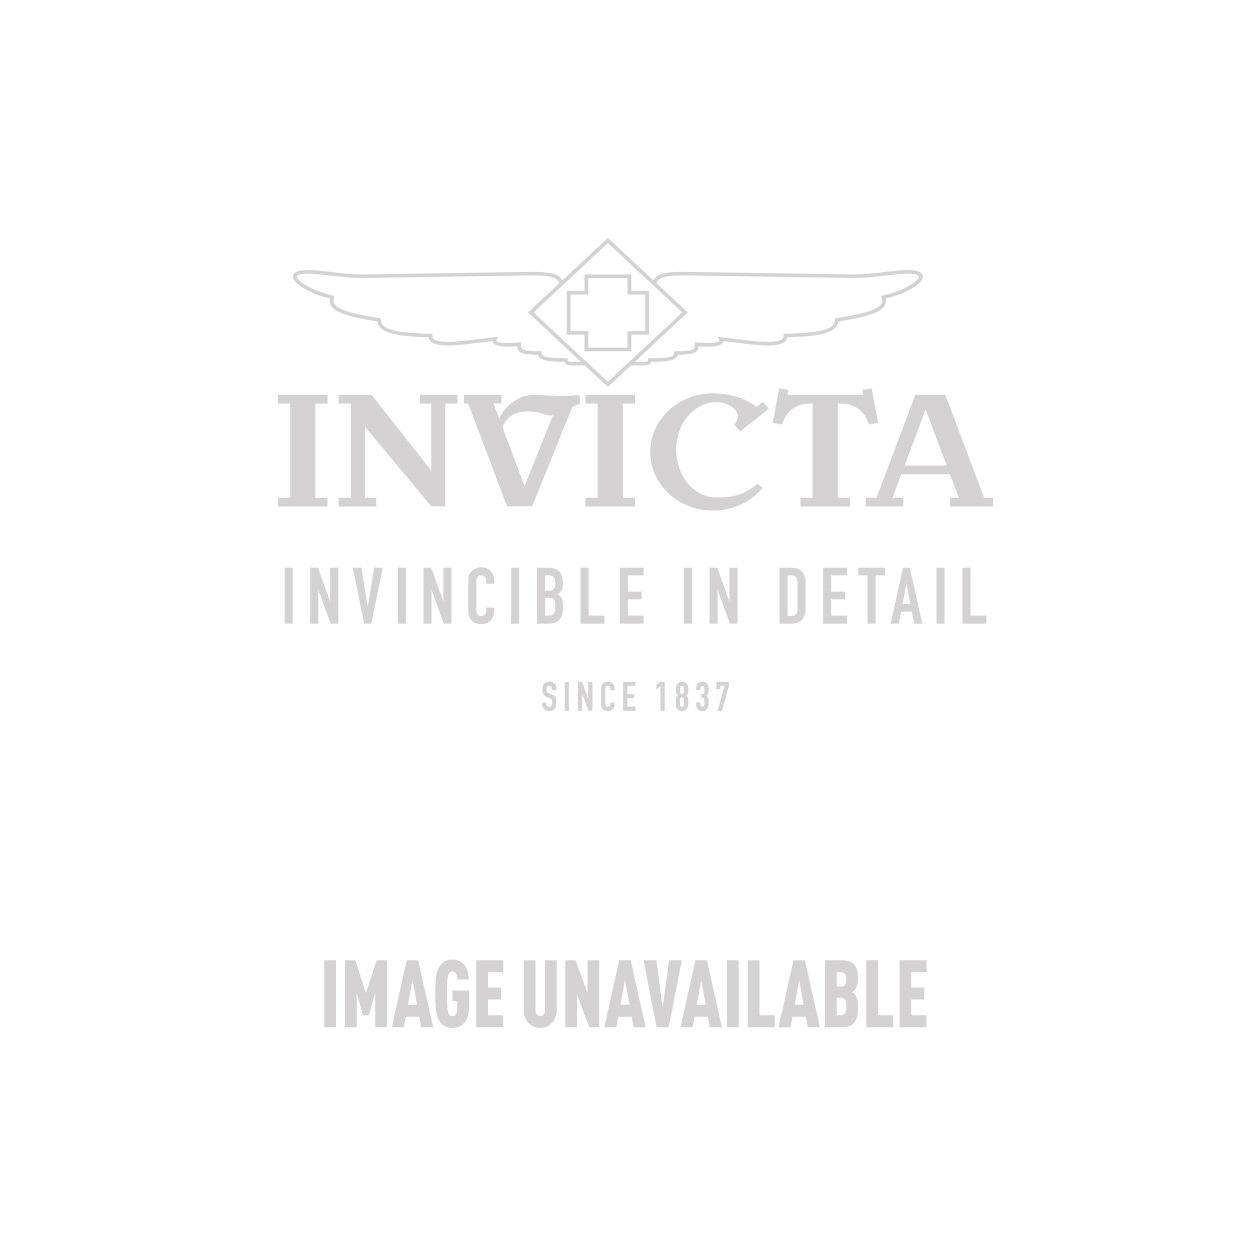 Invicta Model 24640